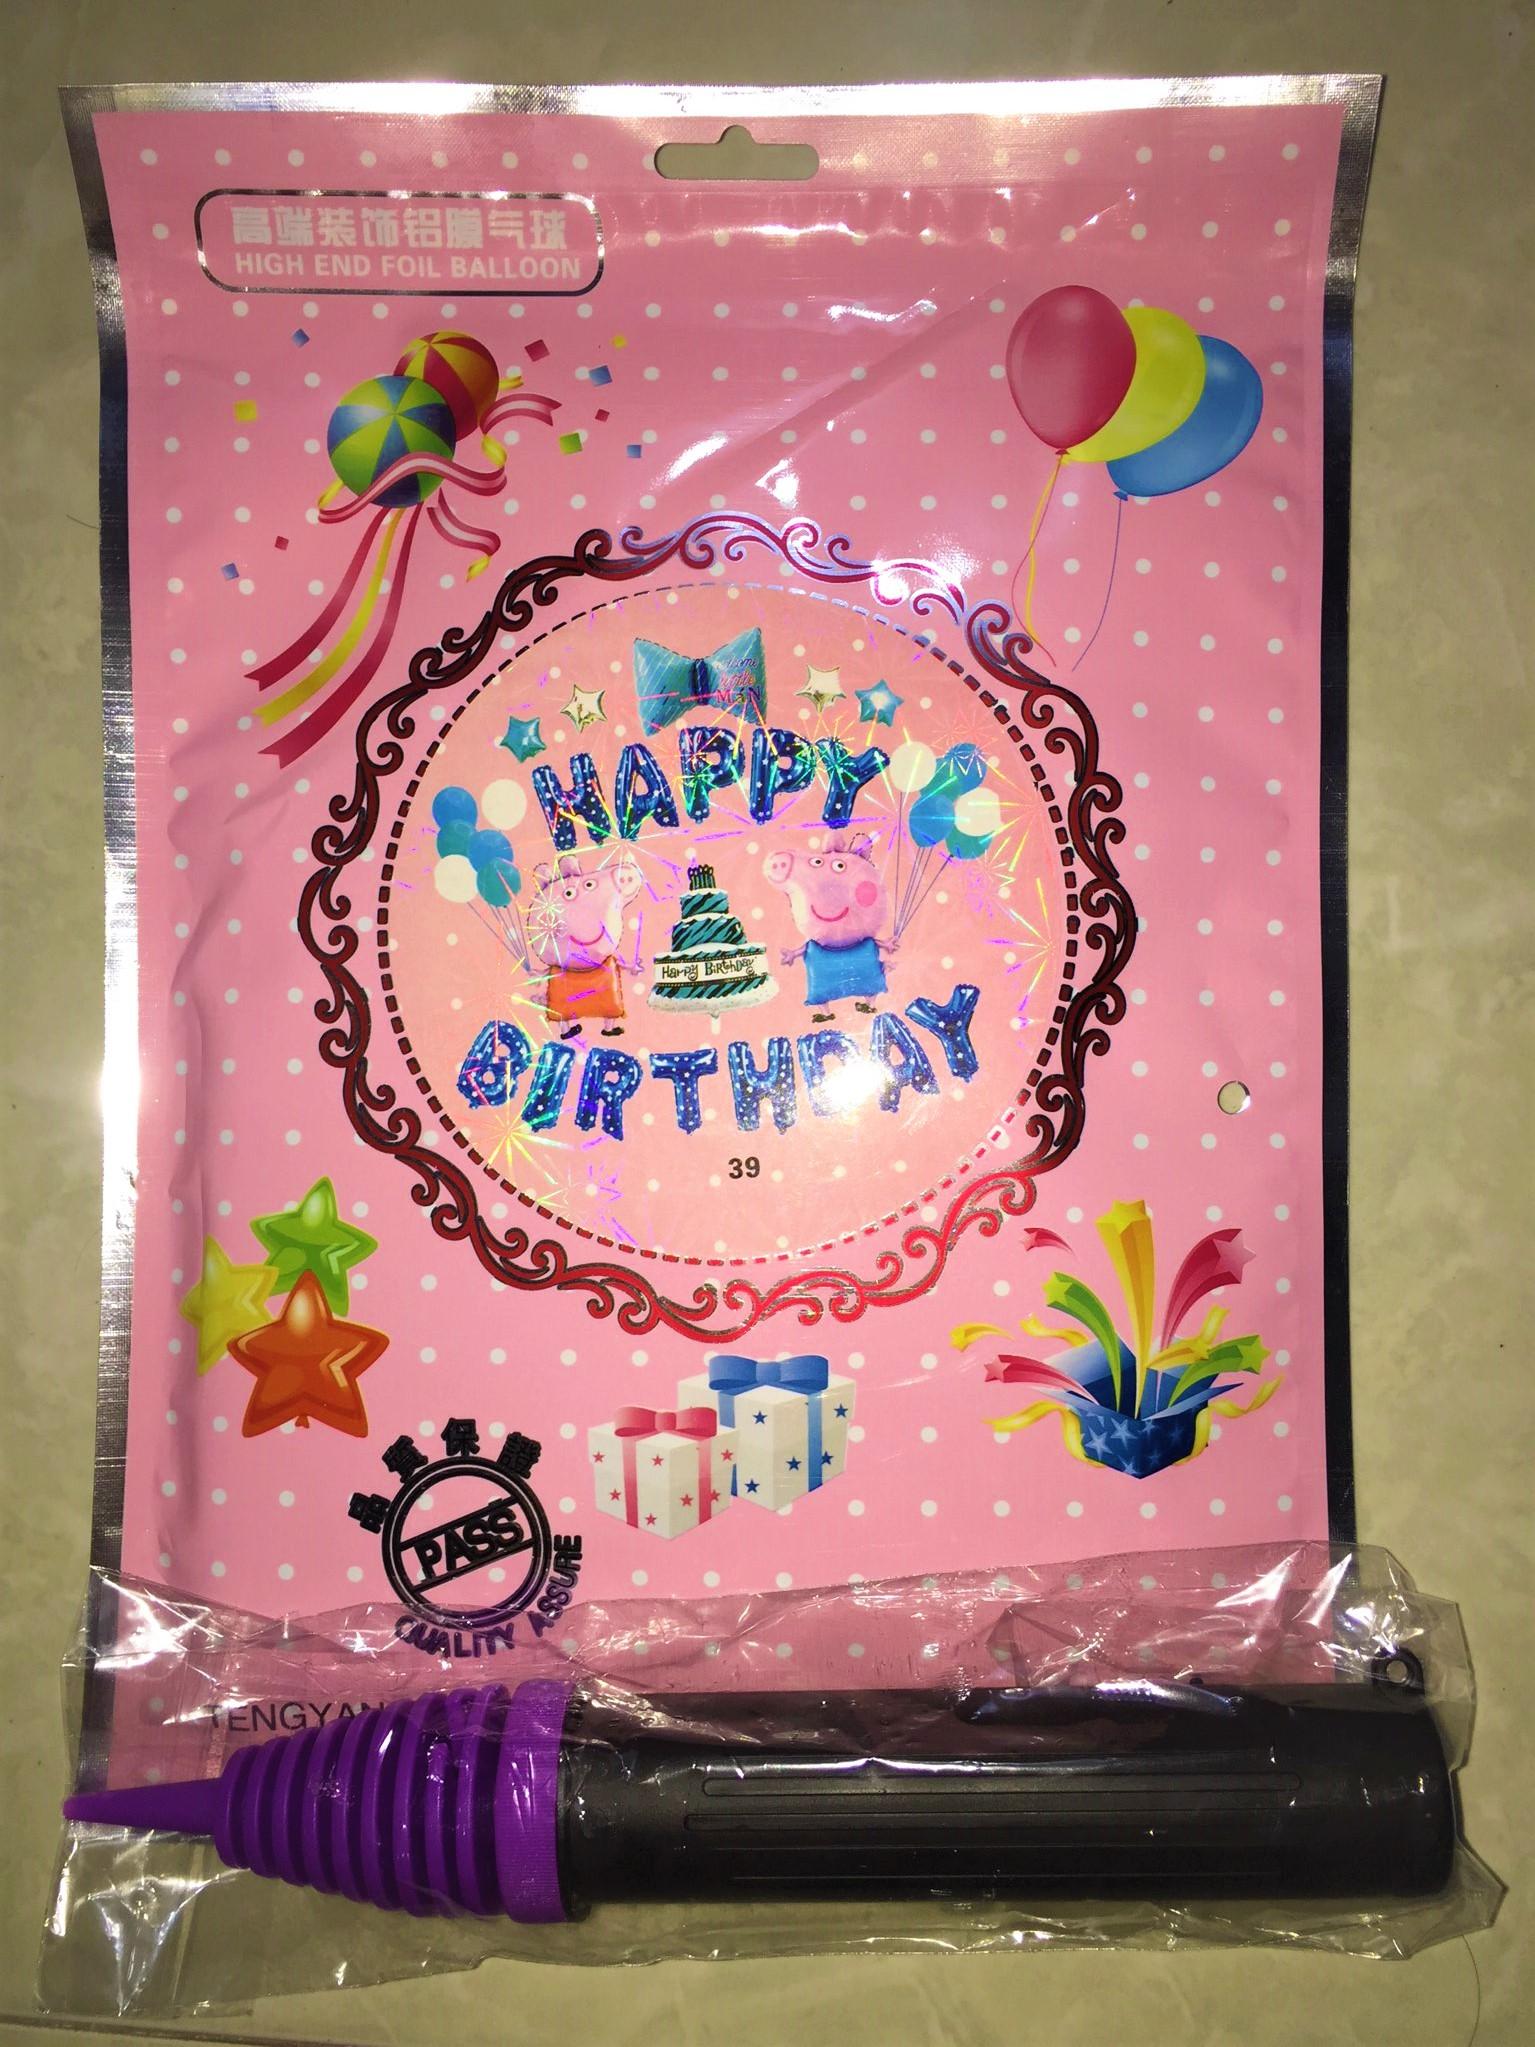 Sét bong bóng trang trí sinh nhật mẫu heo kèm BƠM màu xanh